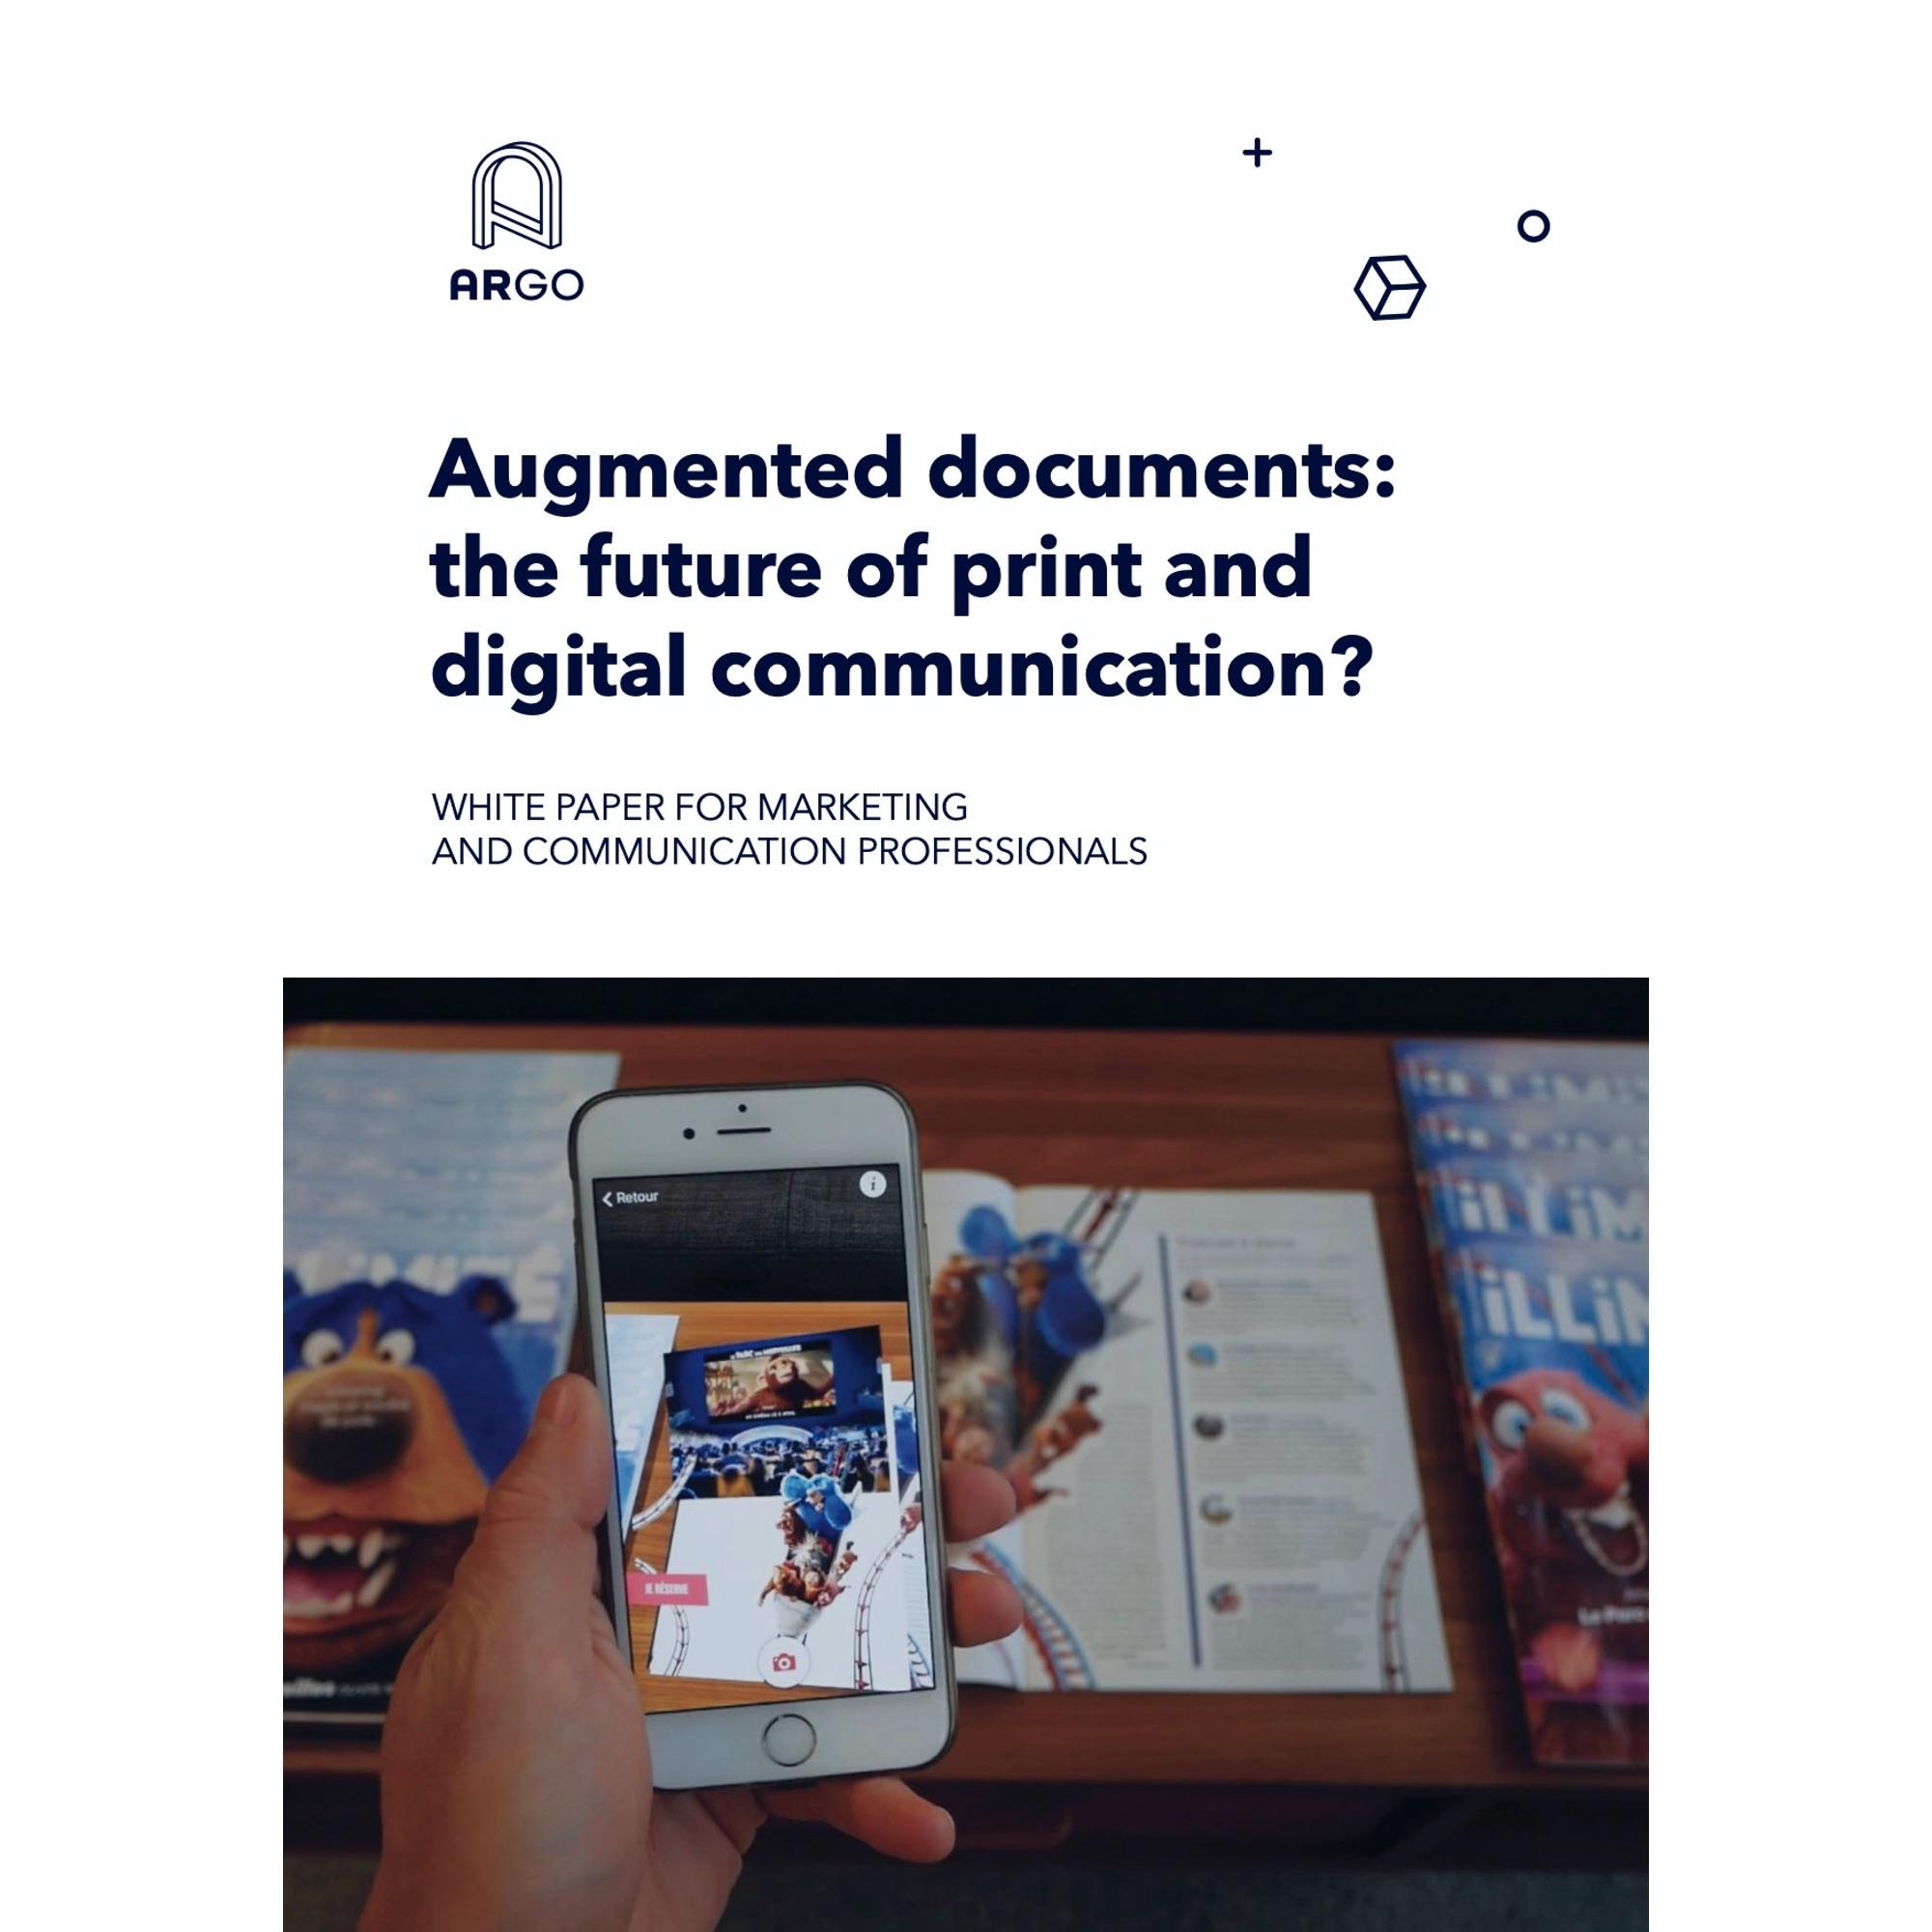 couverture d'un livre blanc ARGO, sur le consommateur augmenté